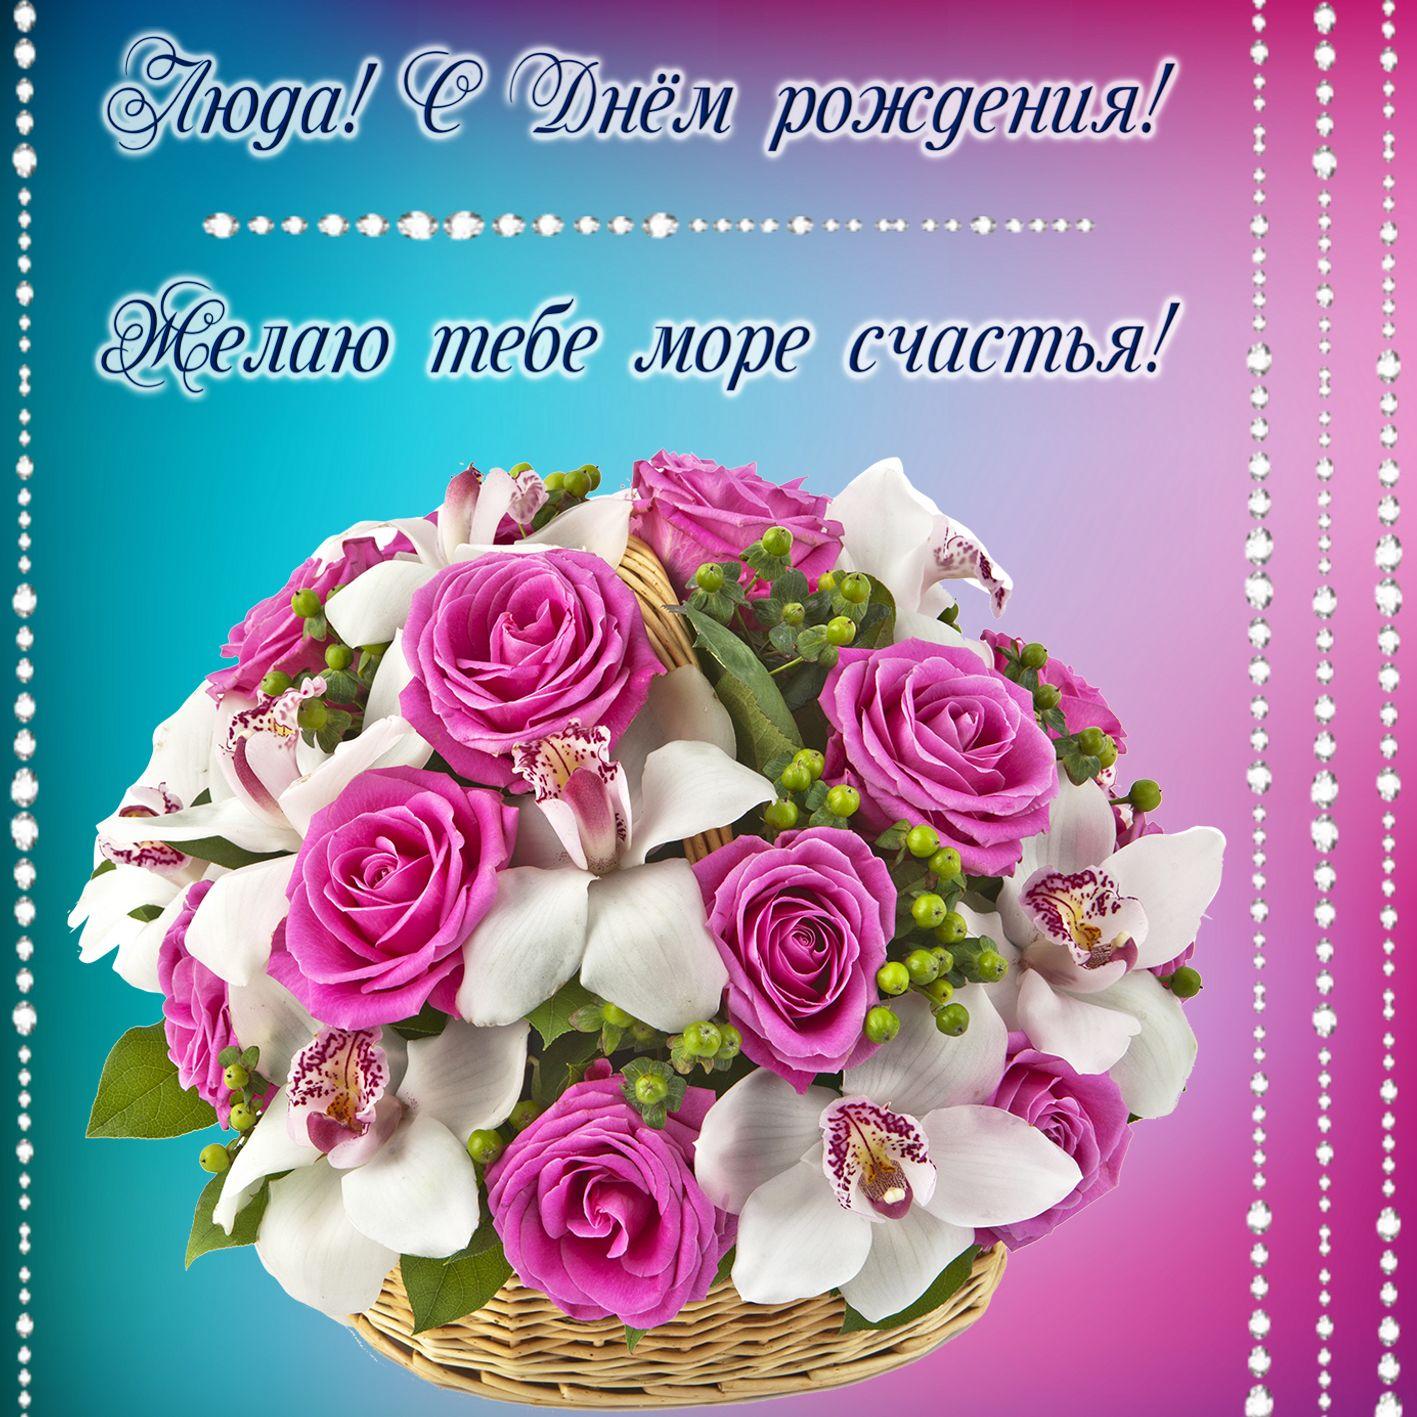 Букет цветов в корзине для Людмилы